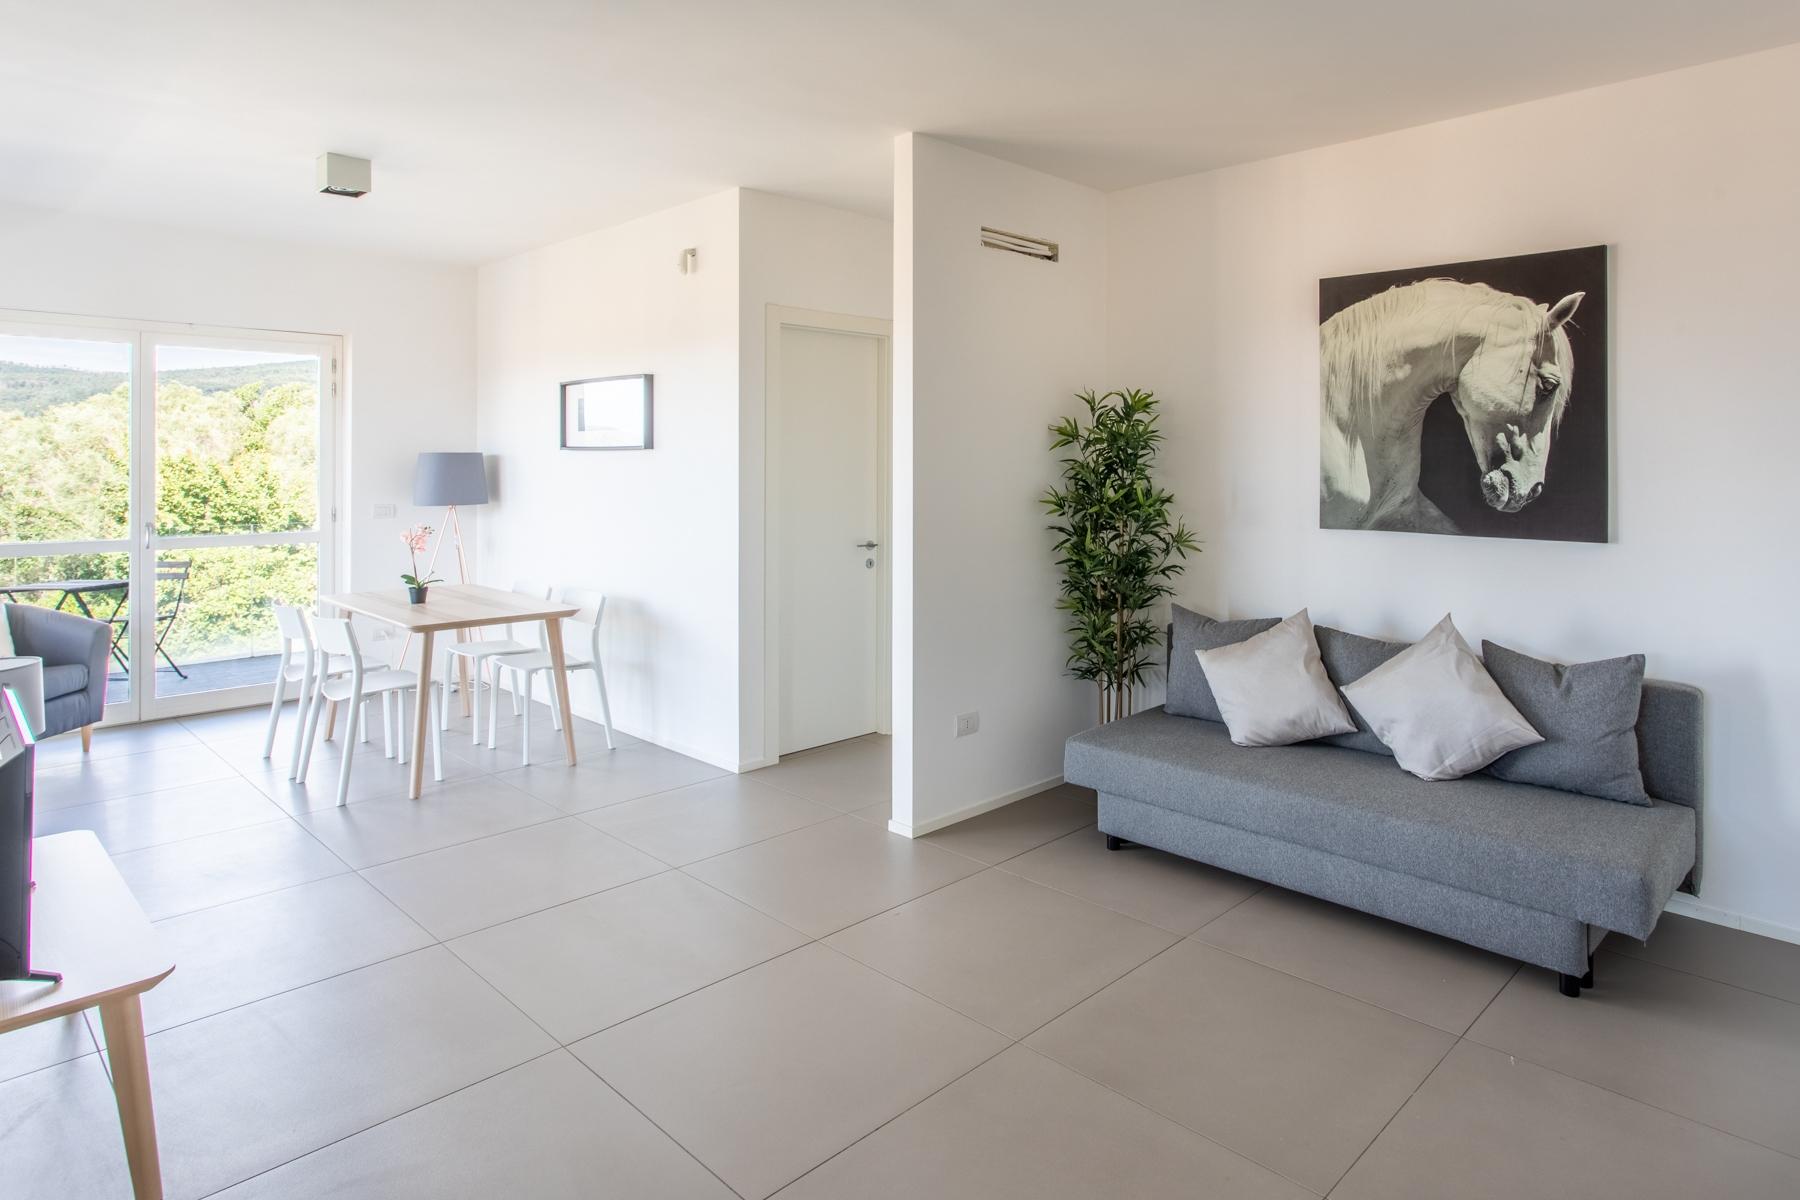 Appartamento in Vendita a Trevignano Romano: 4 locali, 100 mq - Foto 2